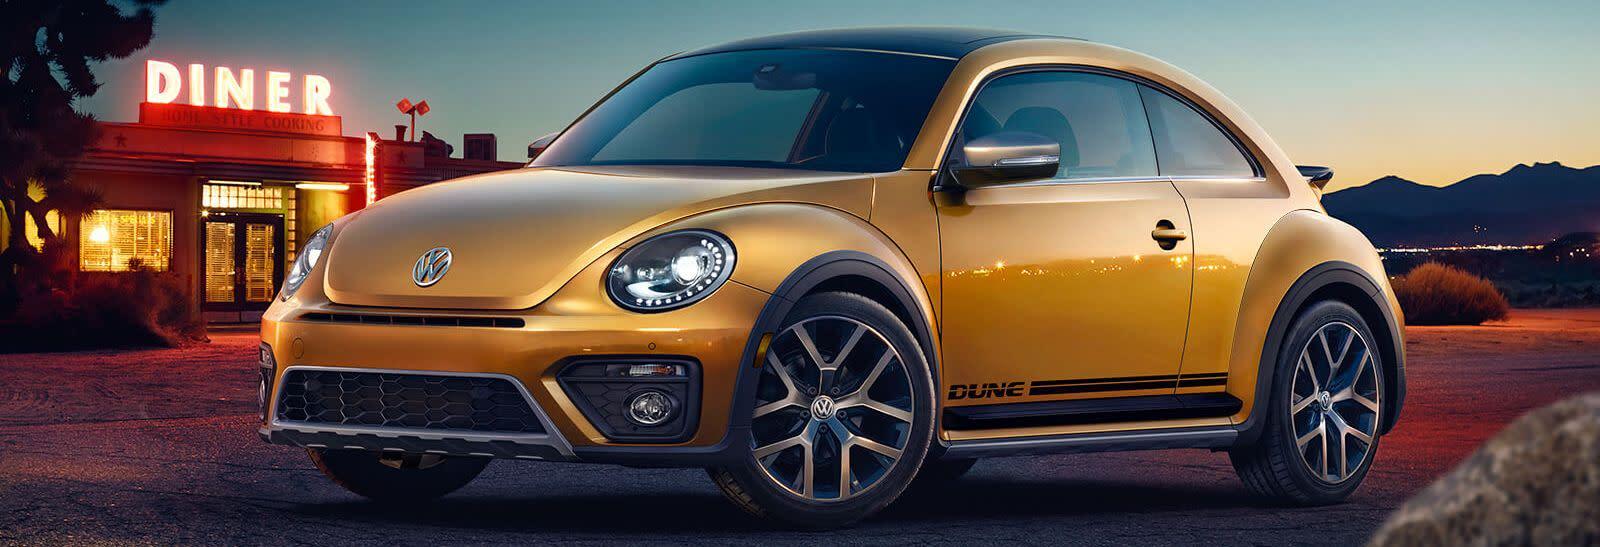 Volkswagen Beetle 2018 a la venta cerca de College Park, MD